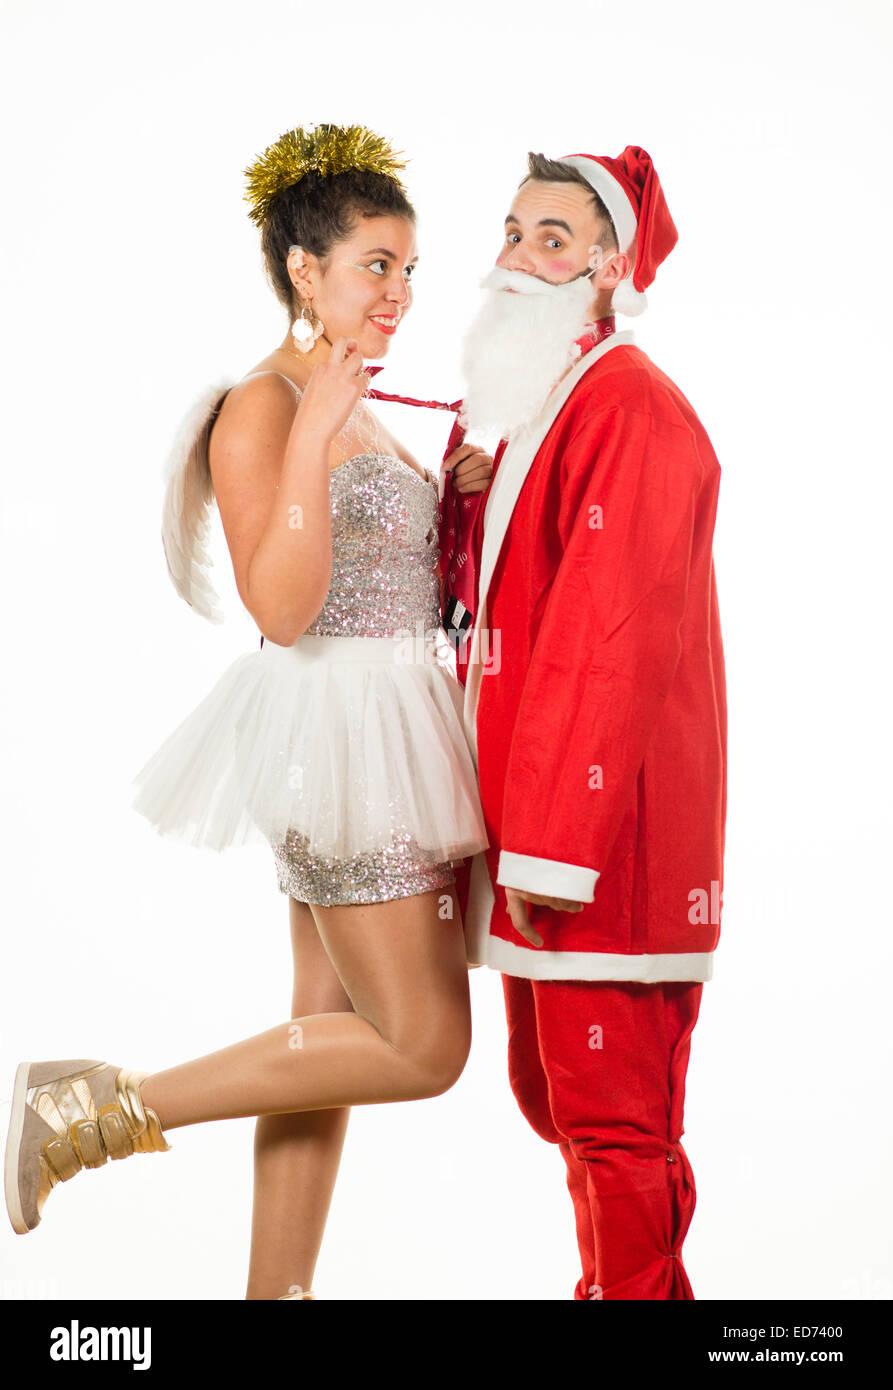 Weihnachtsengel mit Santa Claus zu flirten: zwei Jugendliche junge ...